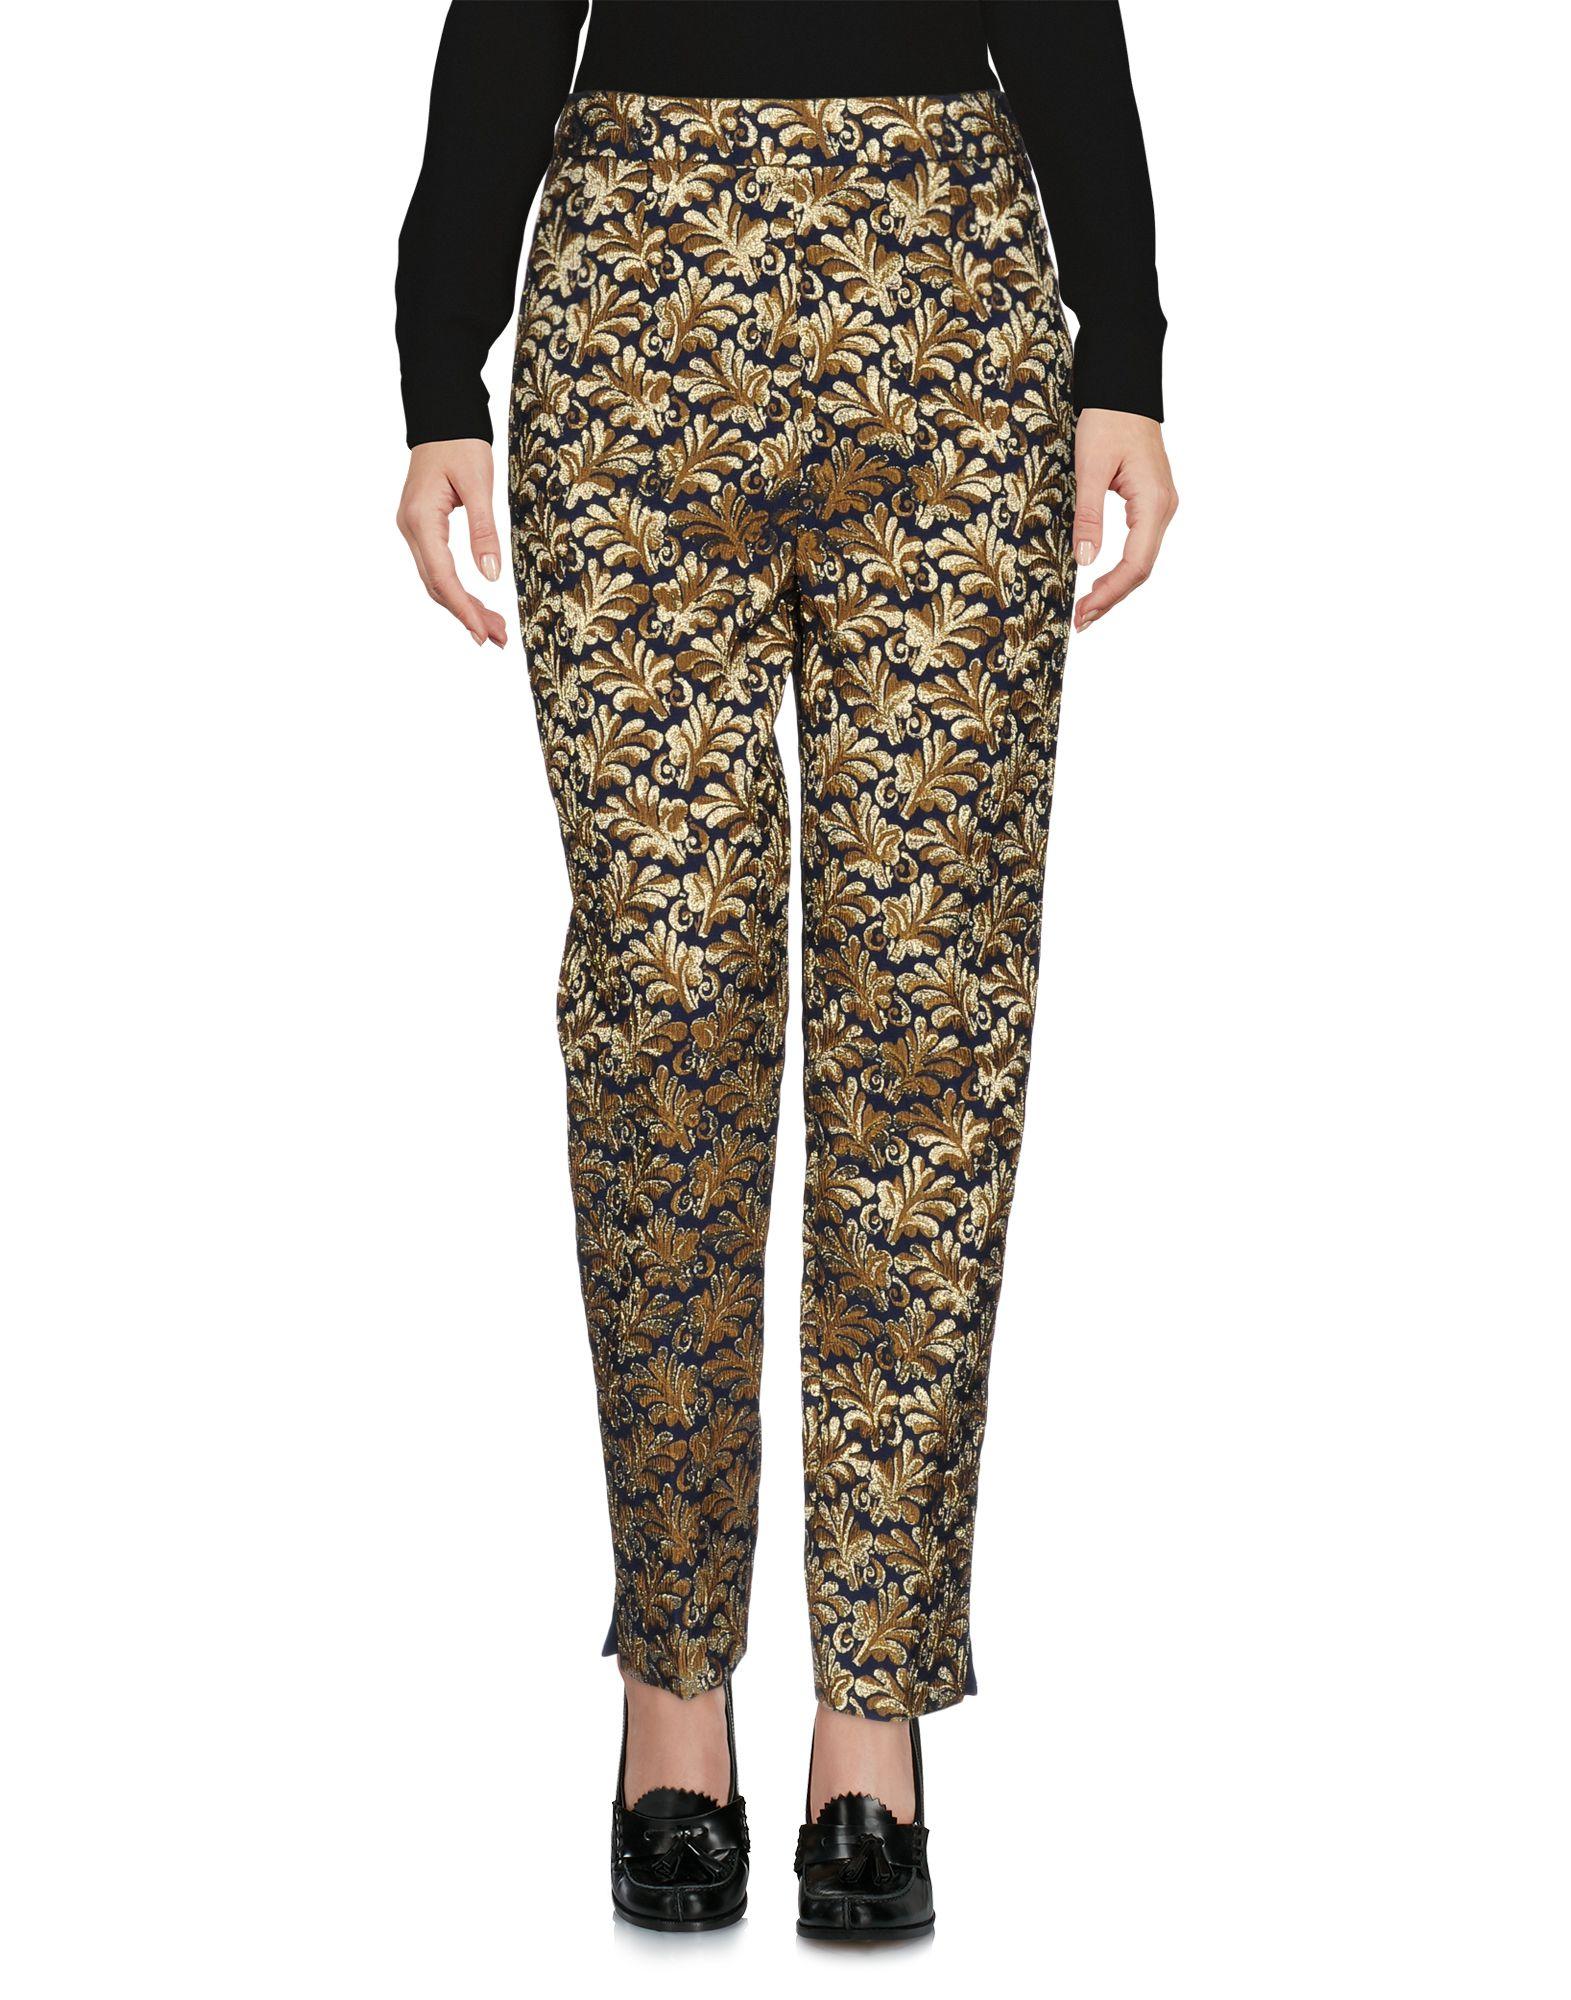 Pantalone Prada damen - 13029181TO